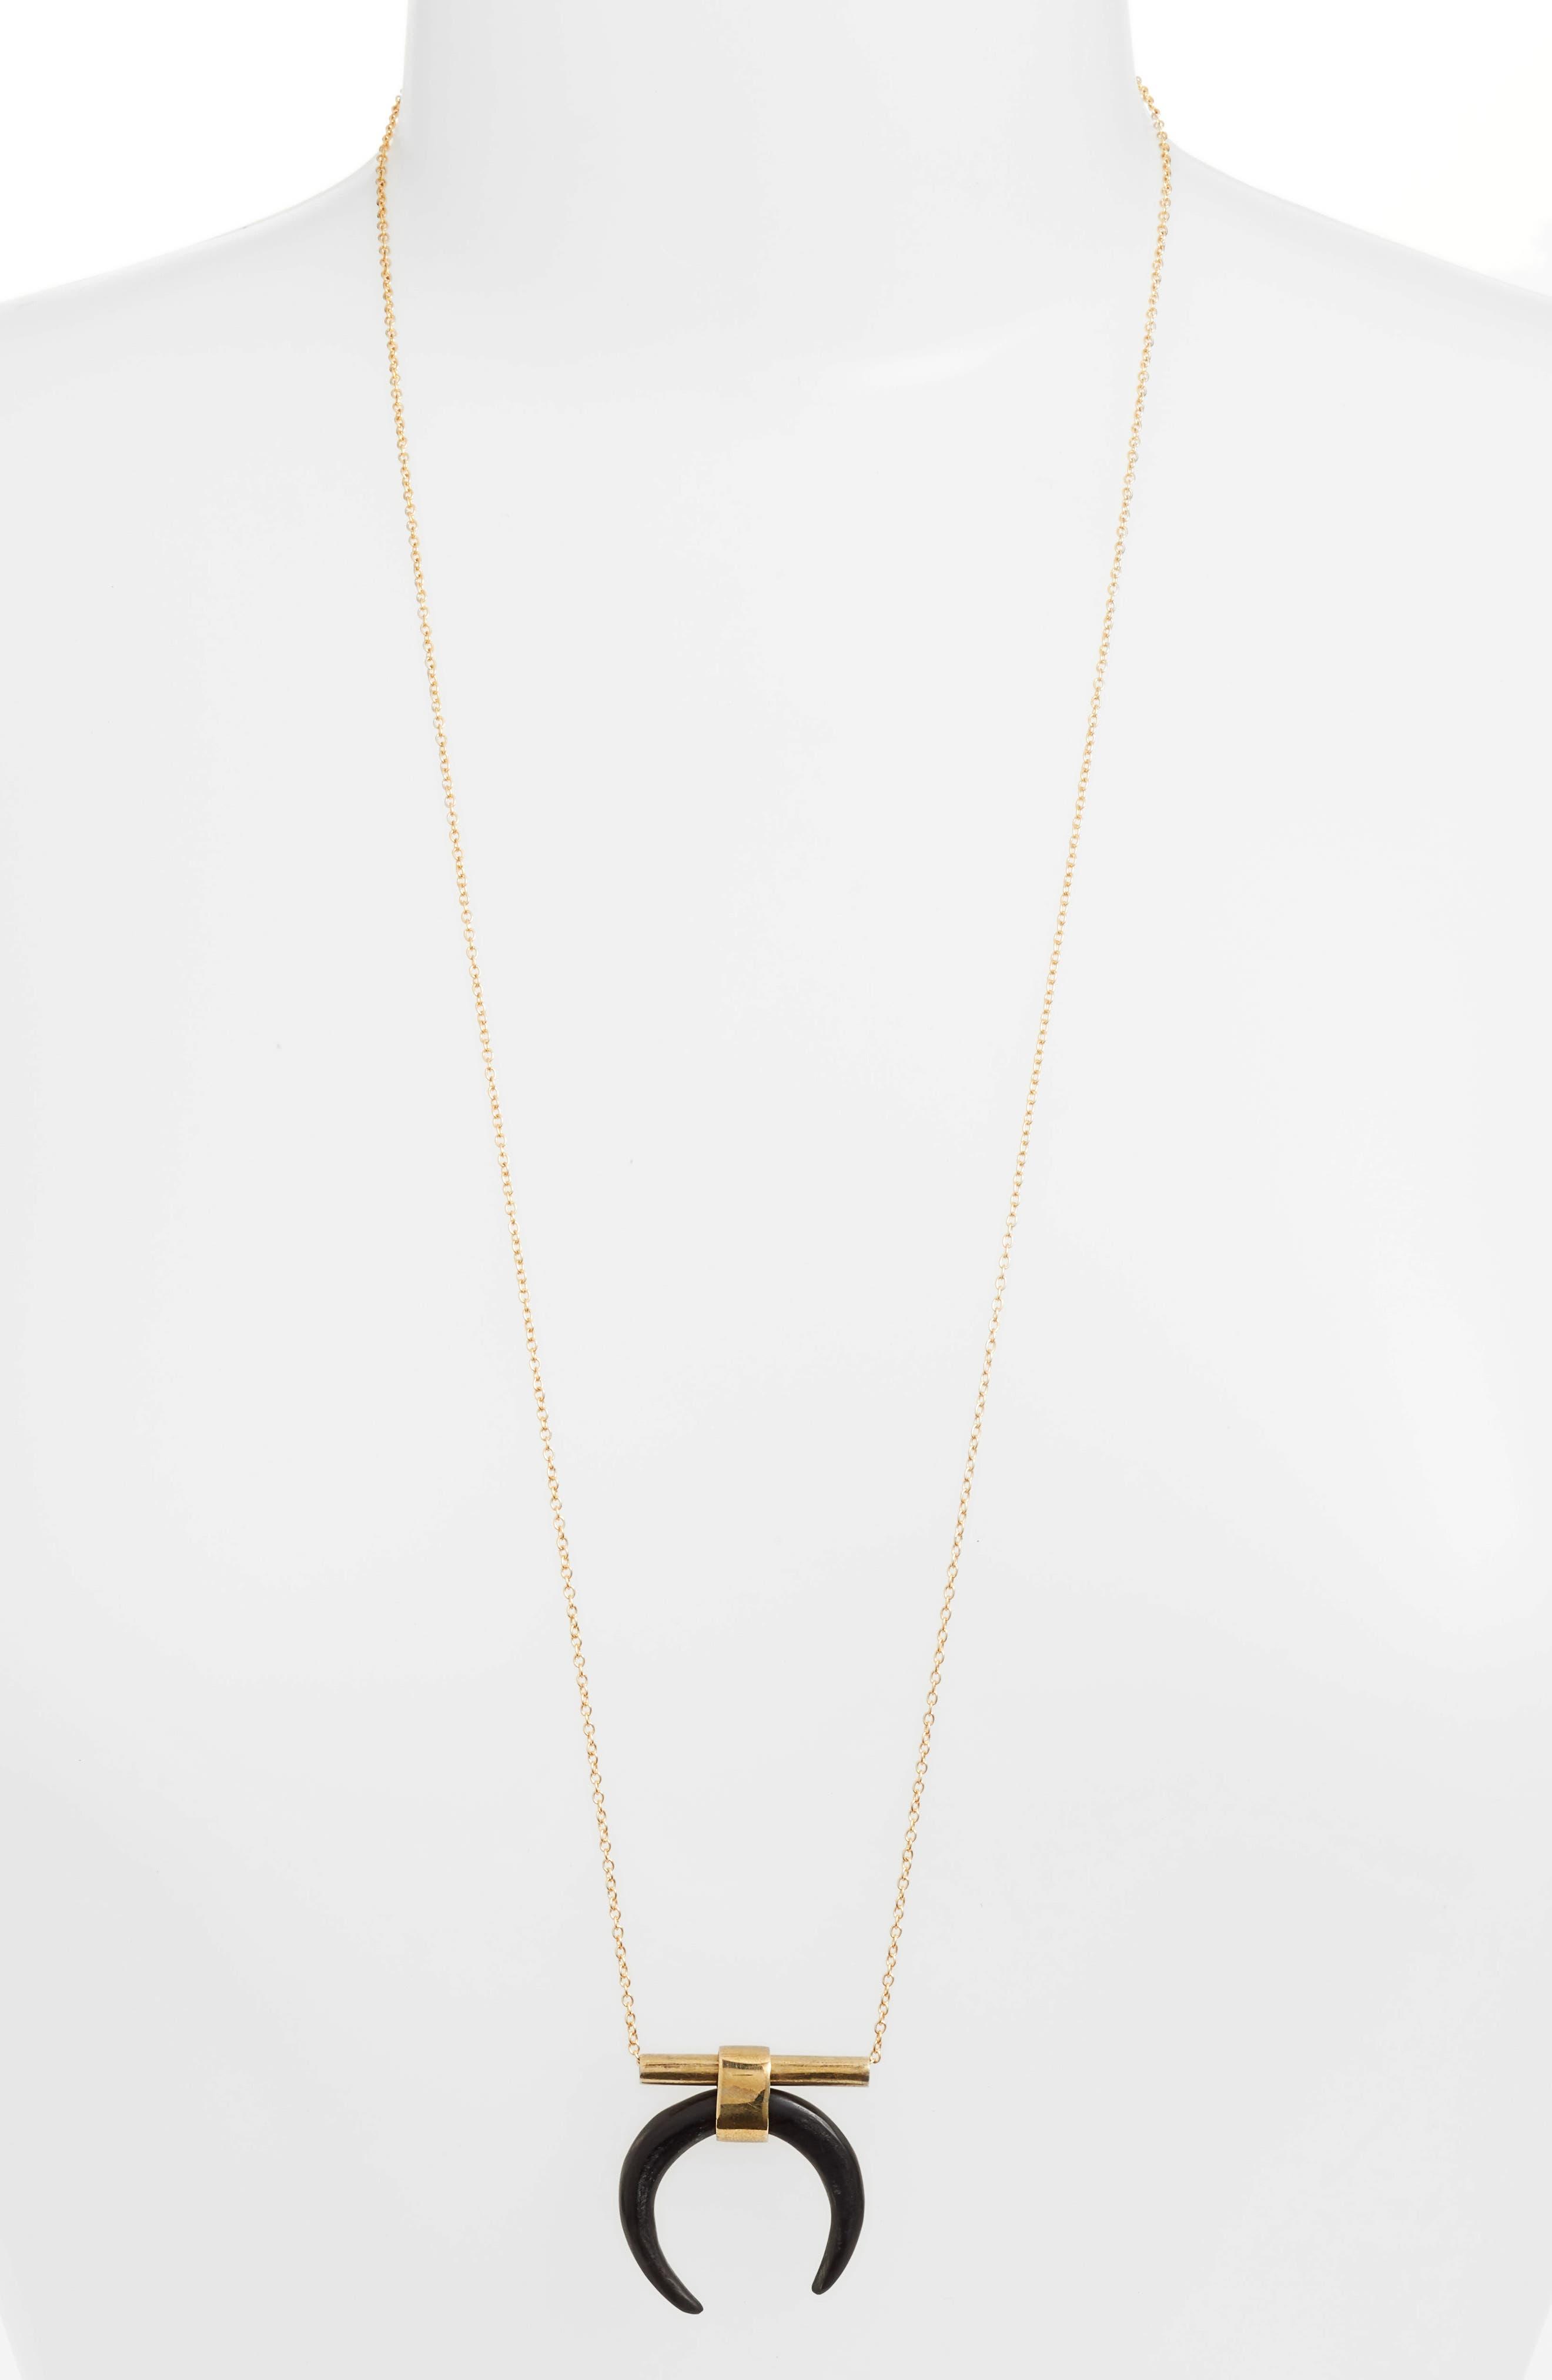 Soko Ephra Horseshoe Pendant Necklace